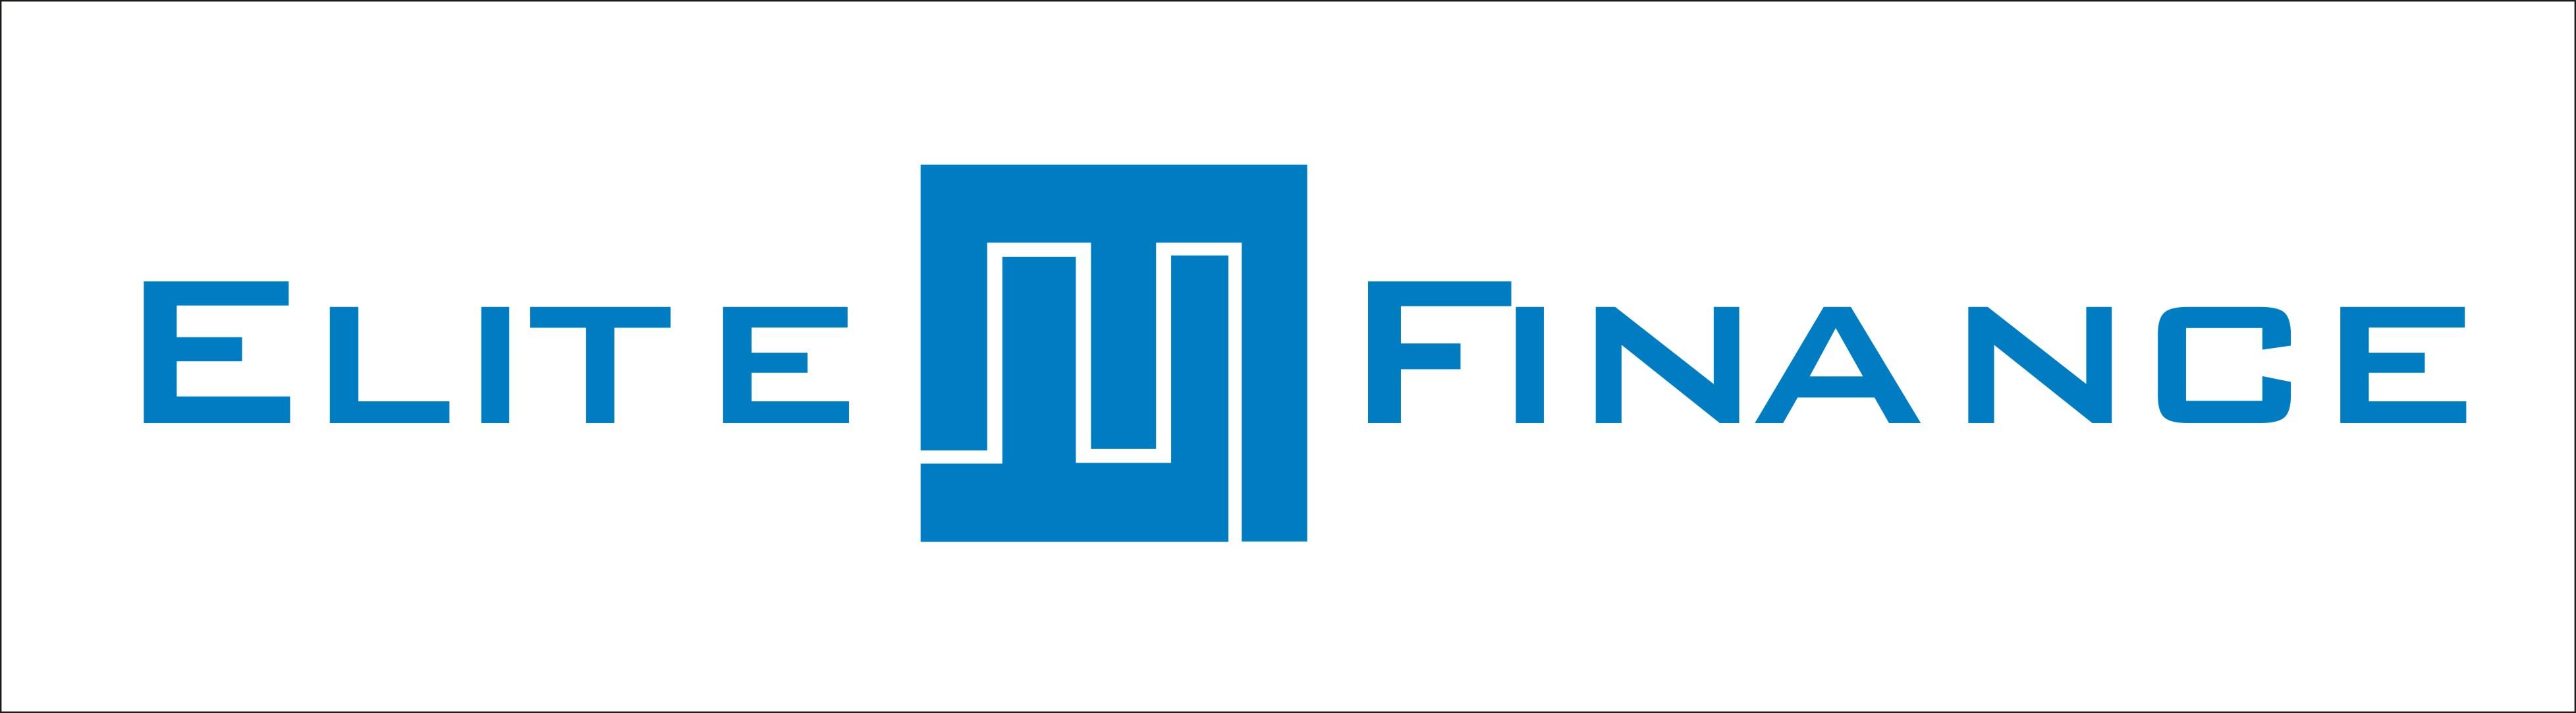 Разработка логотипа компании фото f_4df79df09a1cd.jpg